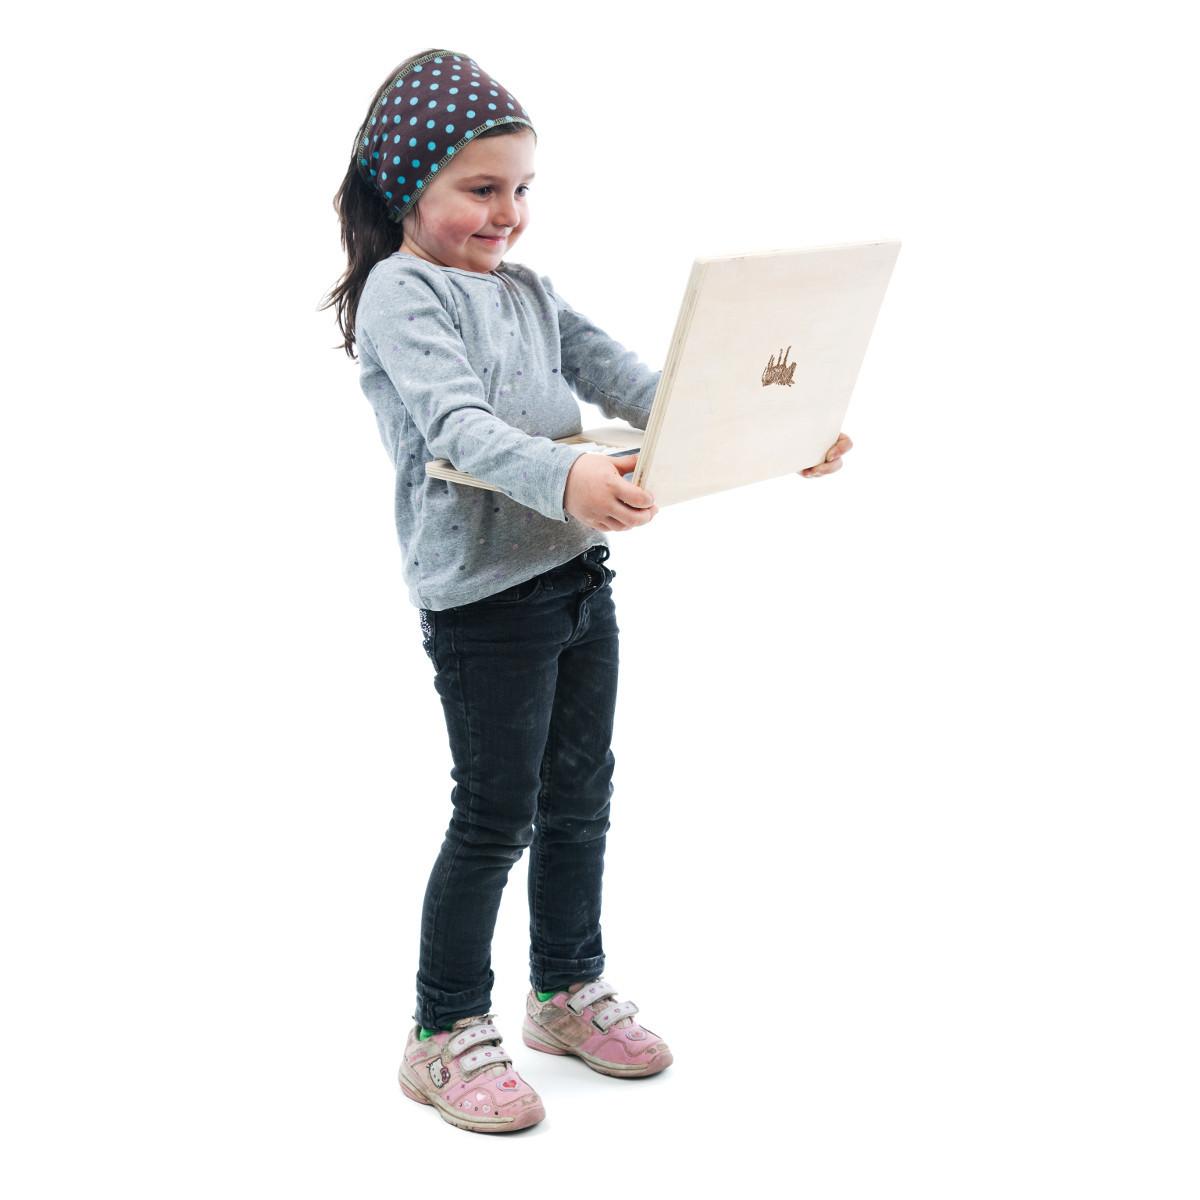 """""""Mein erster Laptop"""" – Holzspielzeug"""